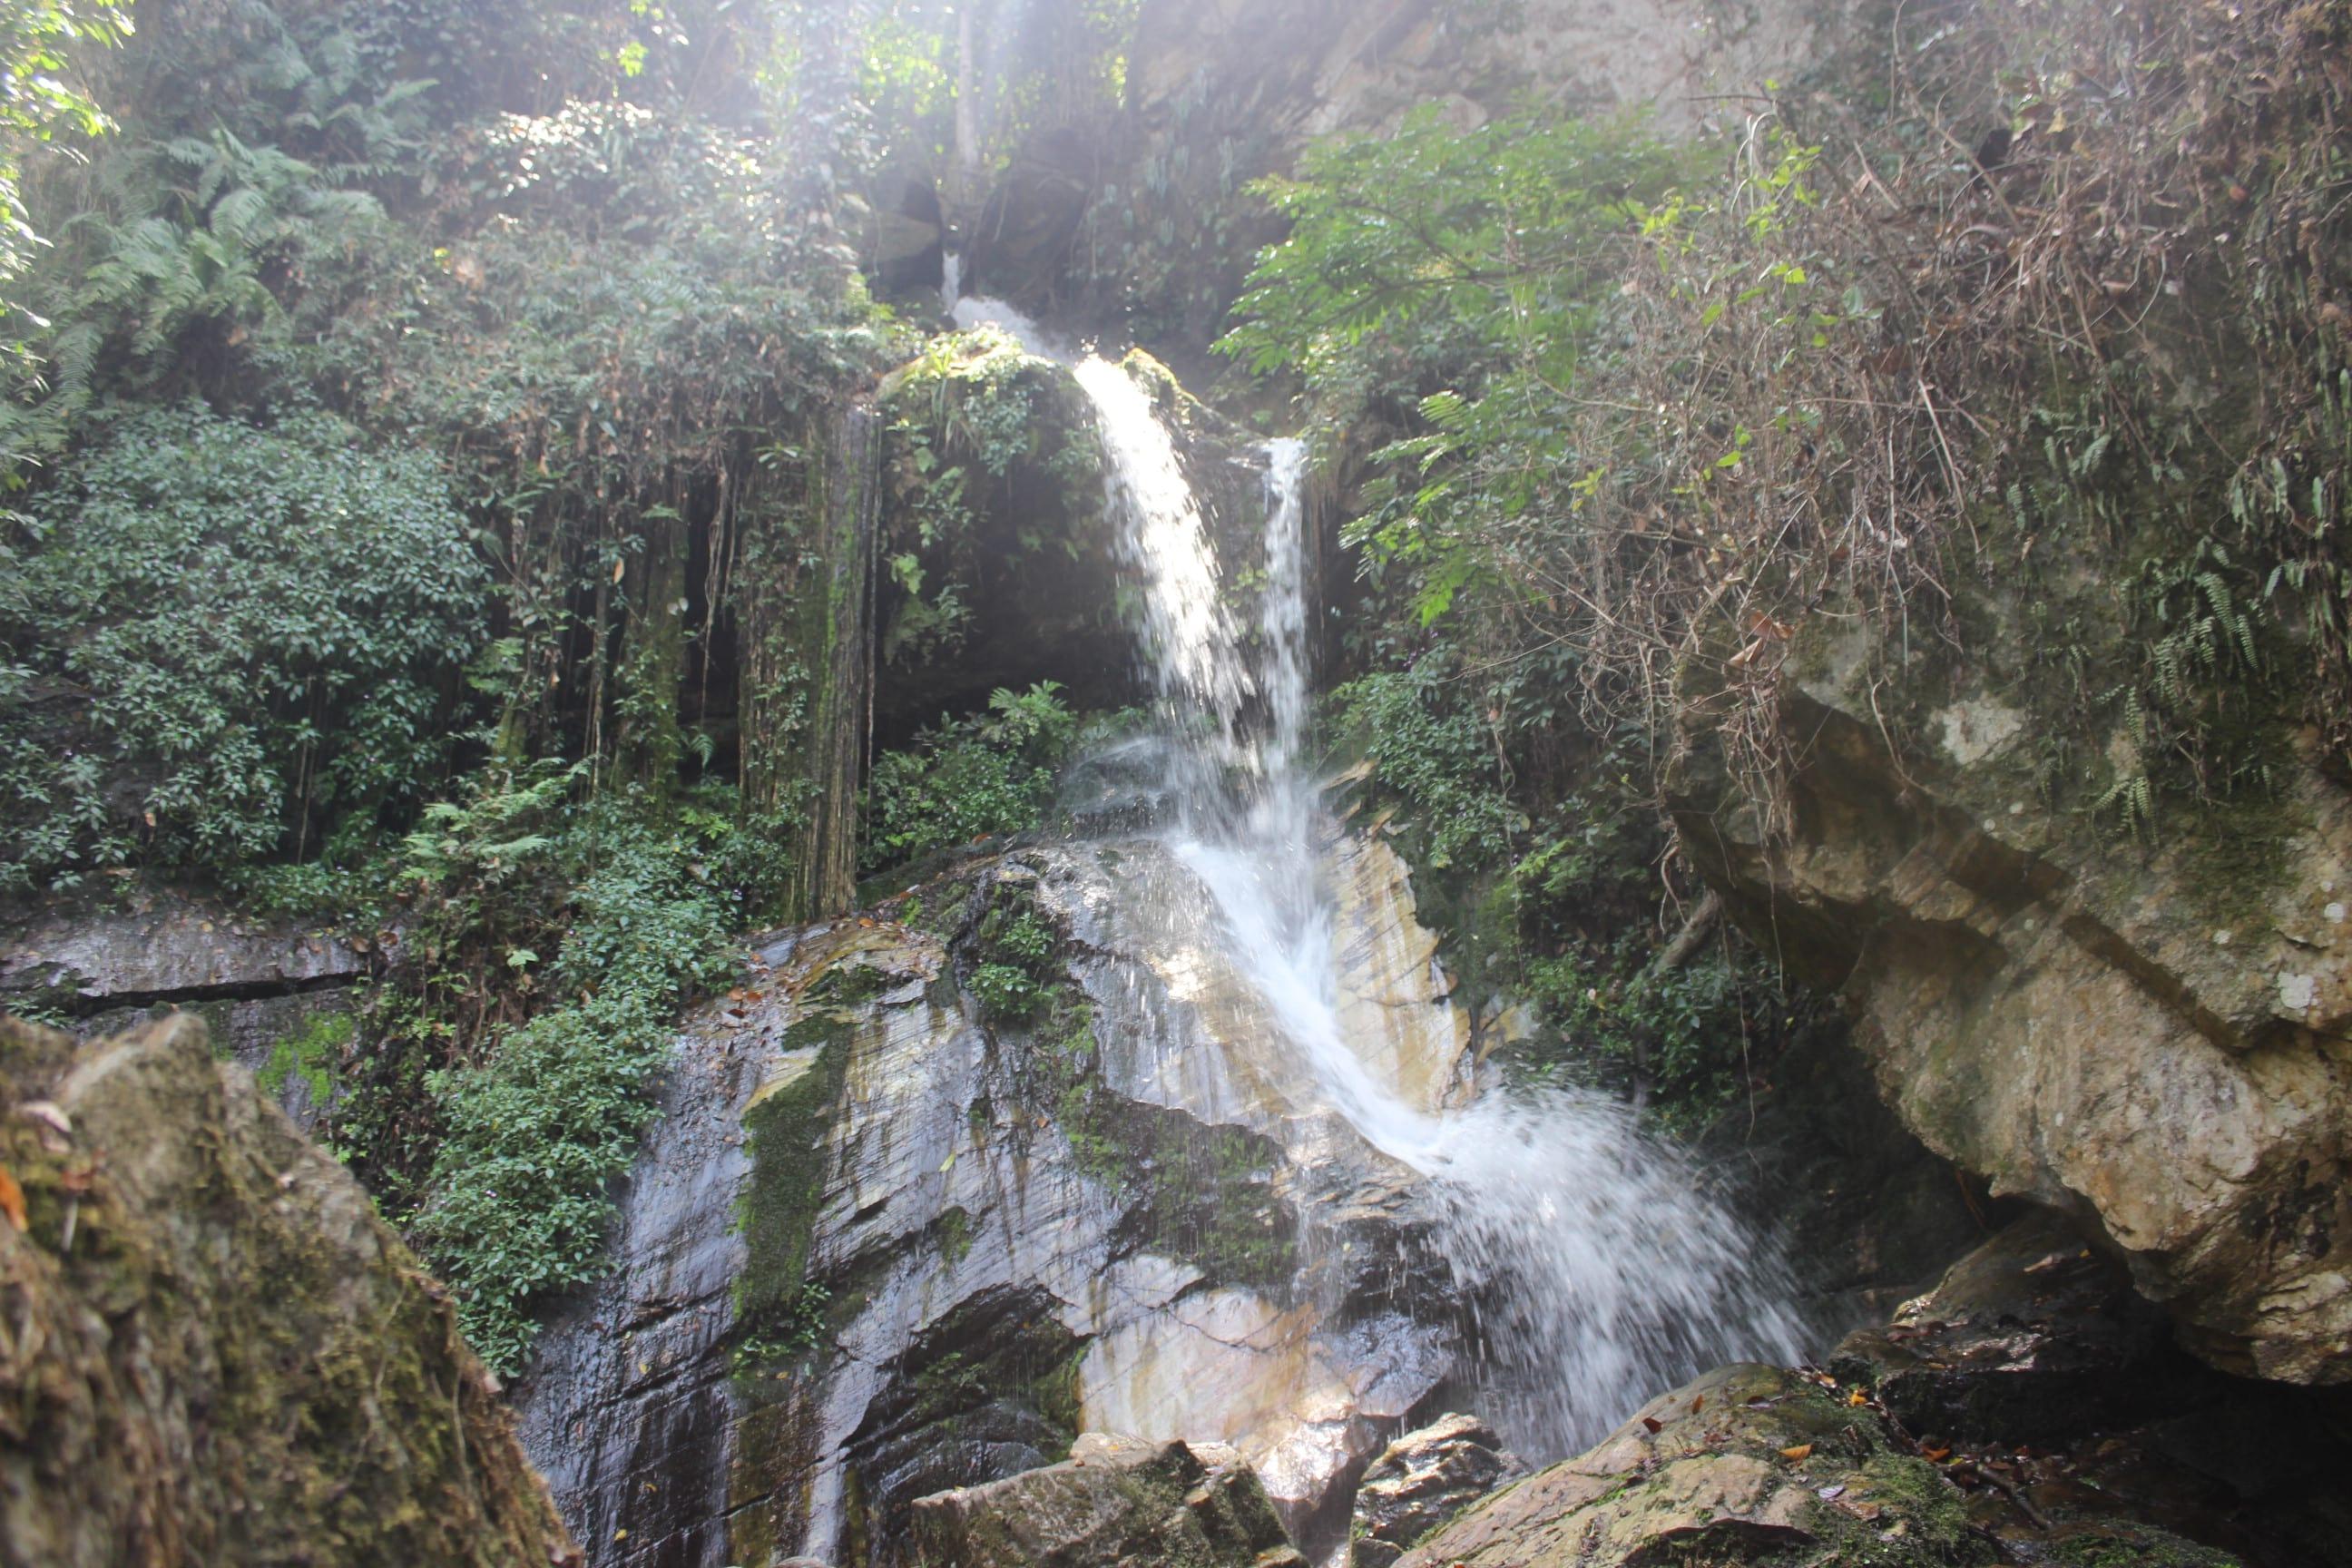 Ipole-Iloro Waterfall